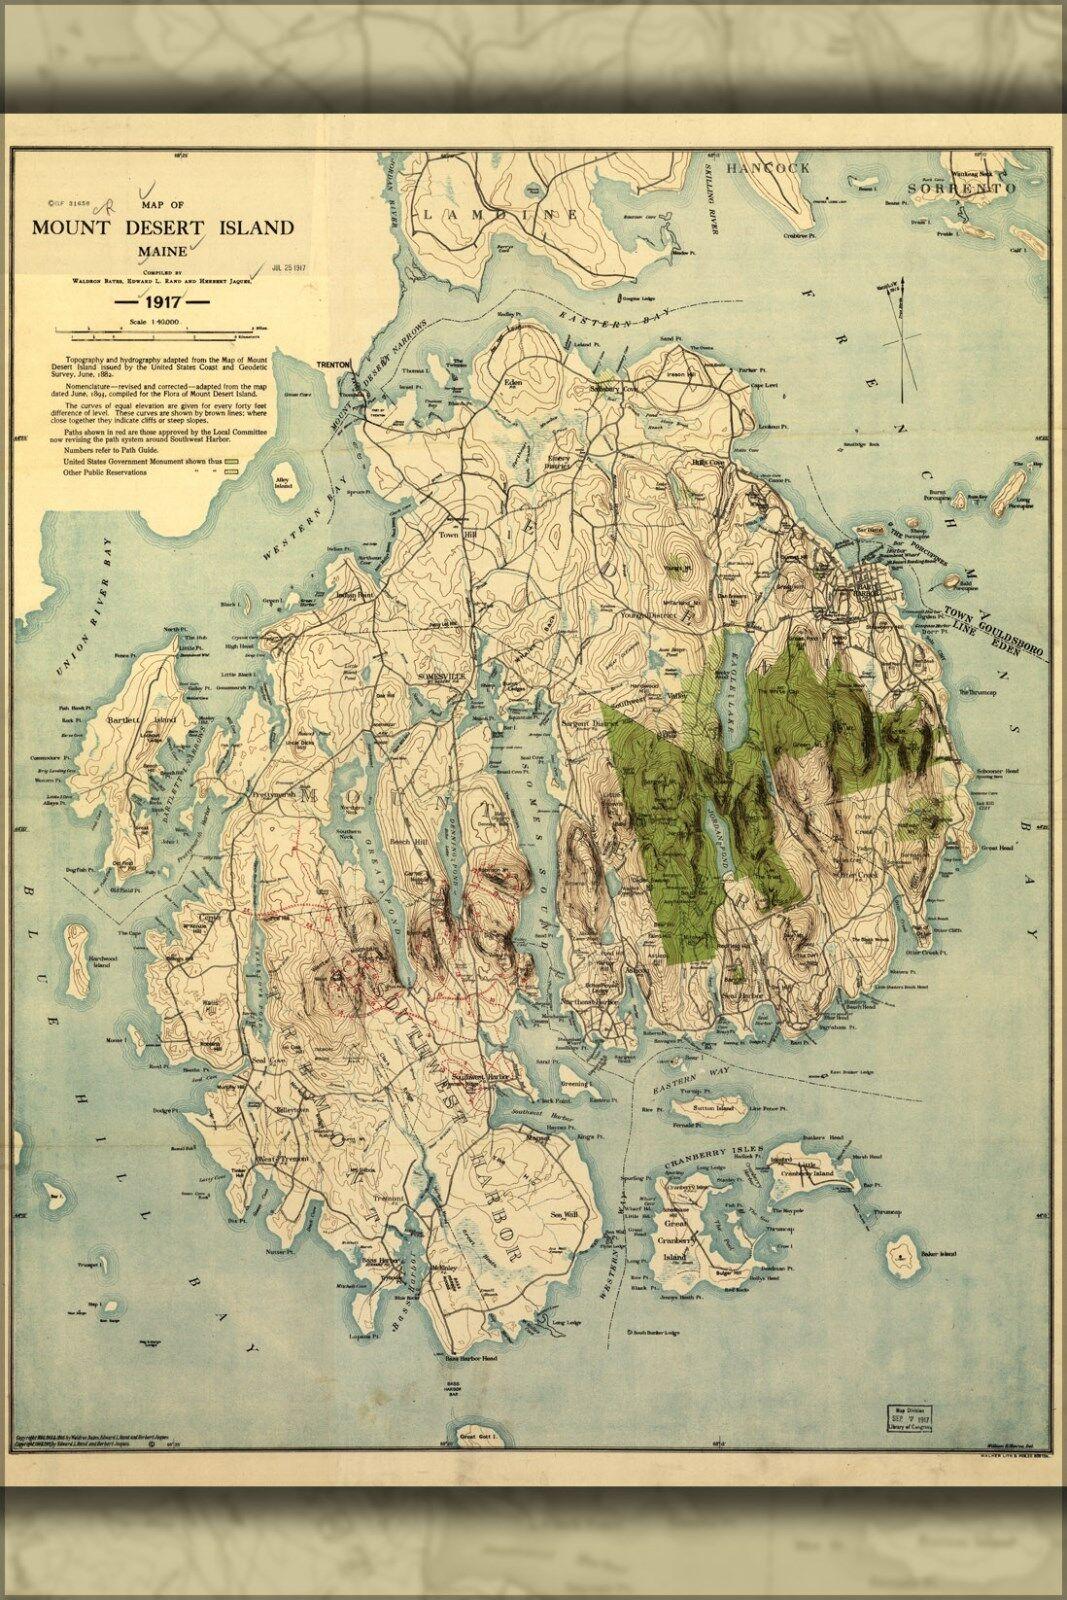 Plakat, Viele Größen; Karte von Halterung Wüste Insel, Maine 1917